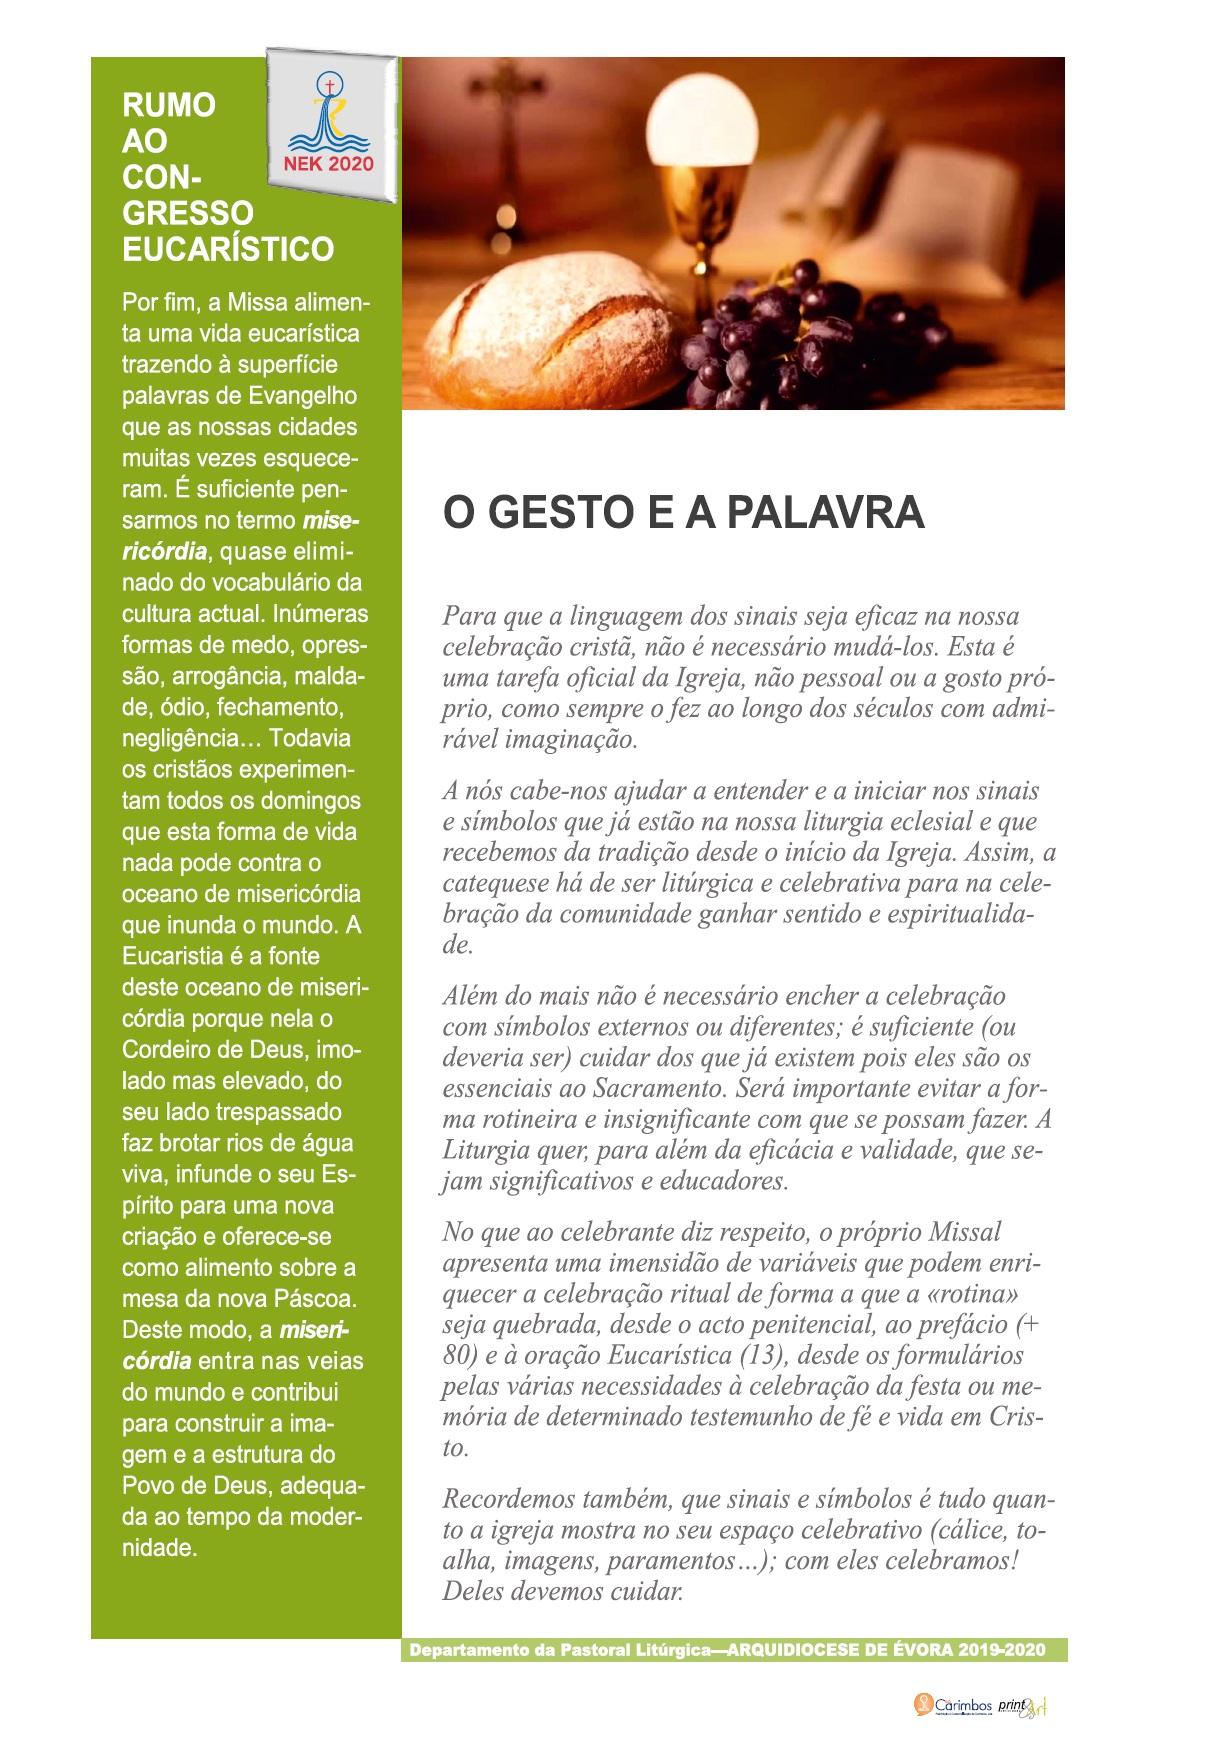 02_23_2020_FOLHA 6 - Eucaristia 23 FEV2020_